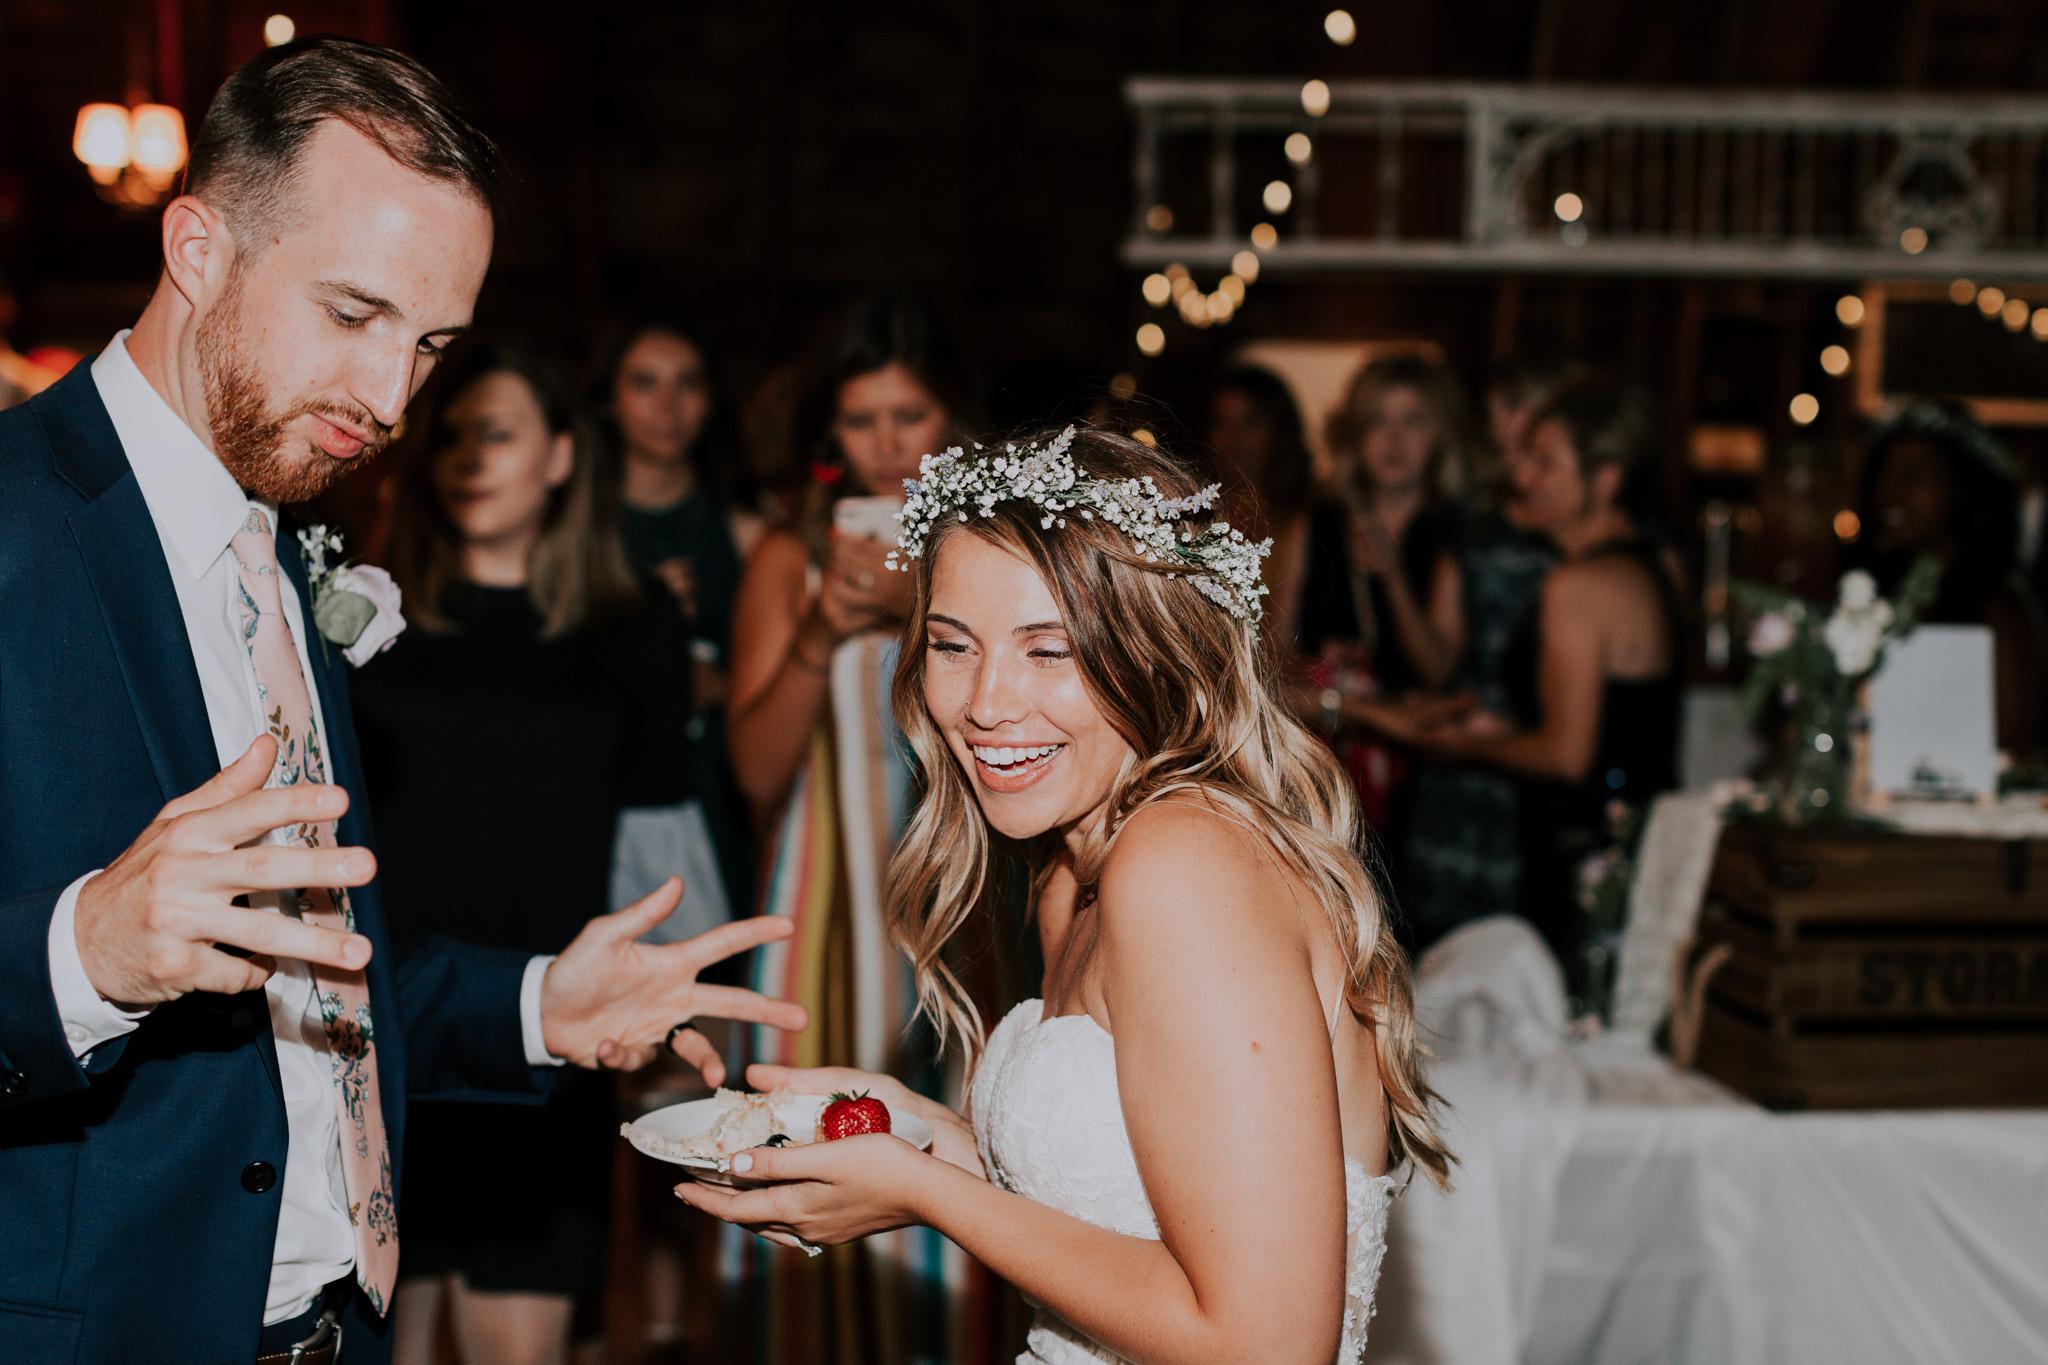 Blue-Dress-Barn-Michigan-Wedding-April-Seth-Vafa-Photo776.jpg